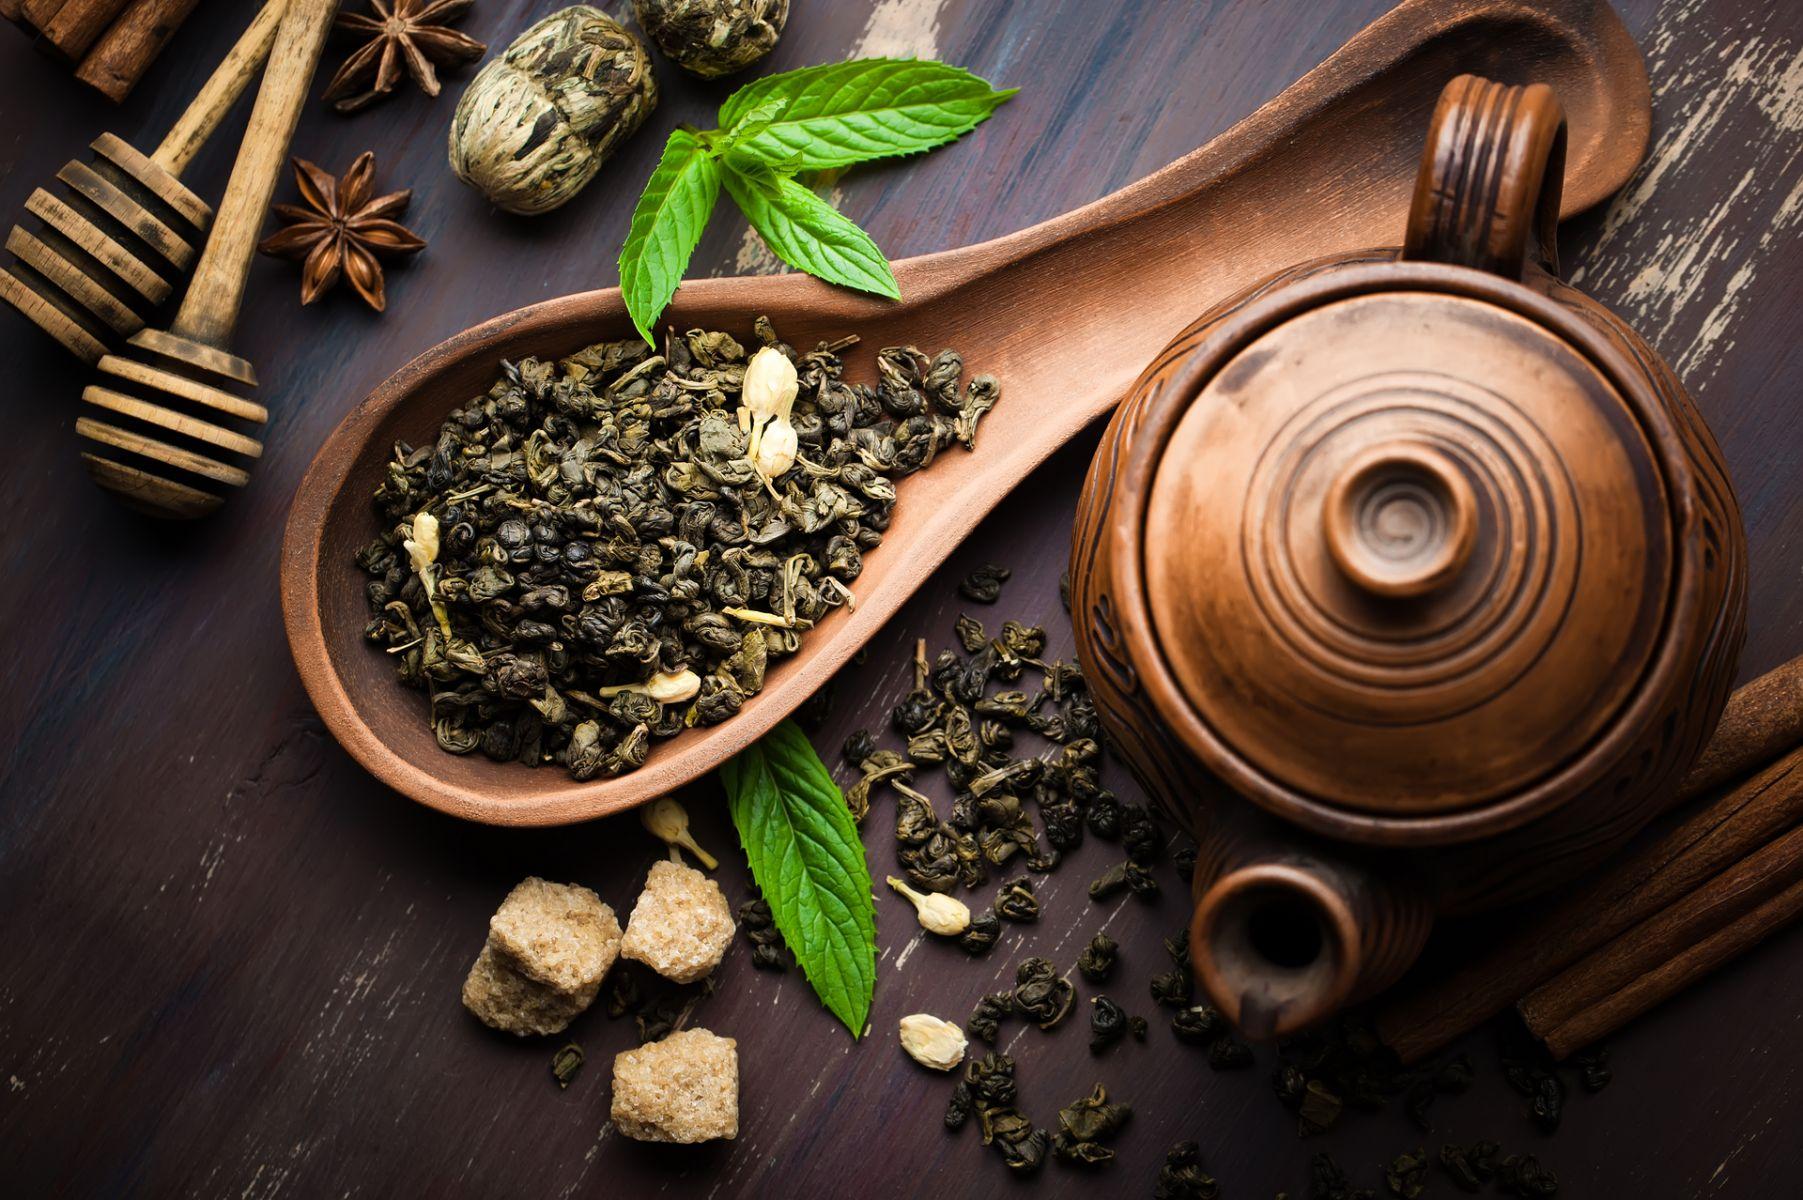 茶第一泡不喝要倒掉 其實農藥殘留並無關!